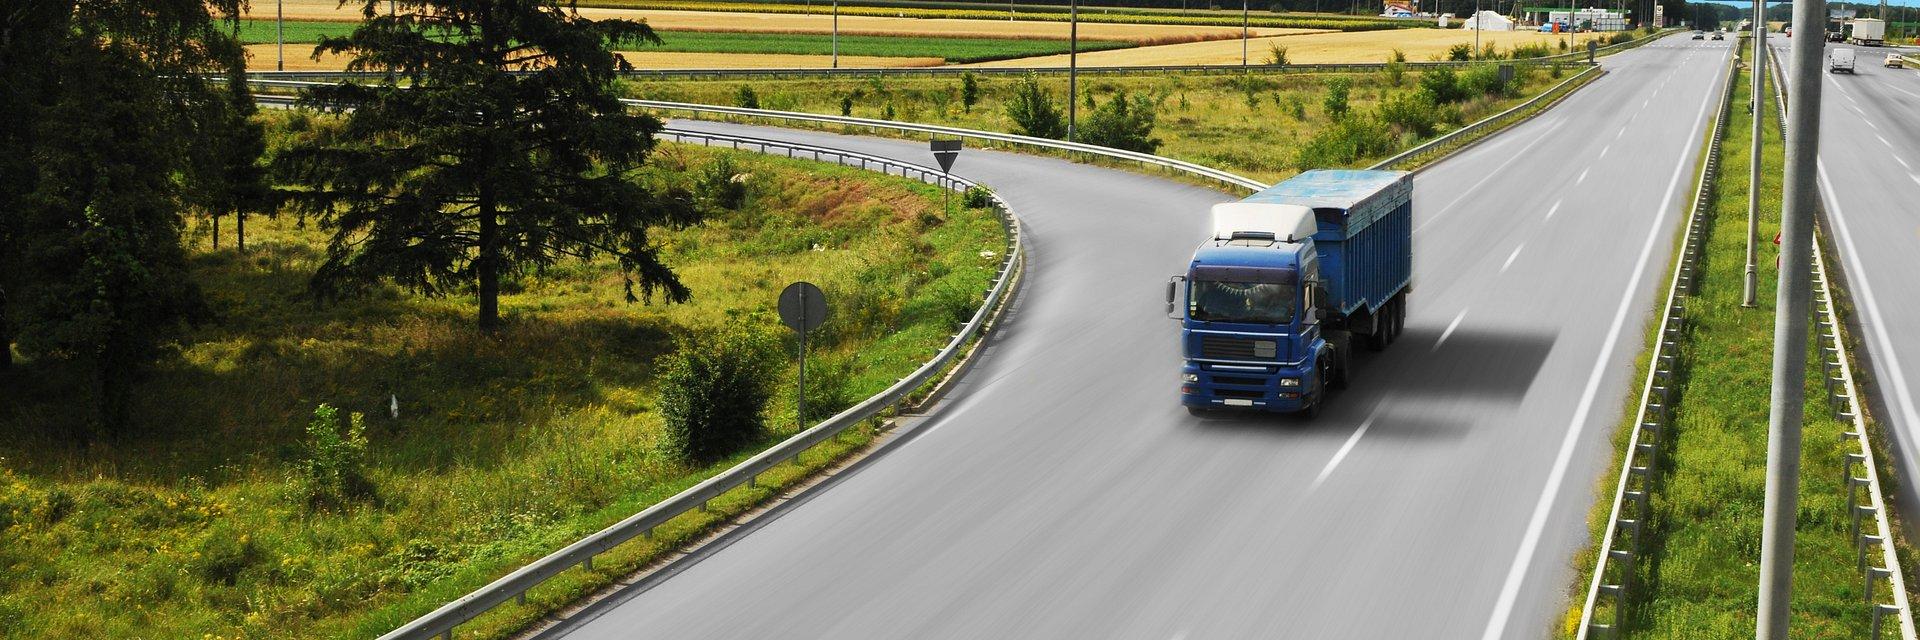 Anwim podpisał umowę z BGK: 140 mln zł na rozwój sieci stacji paliw MOYA